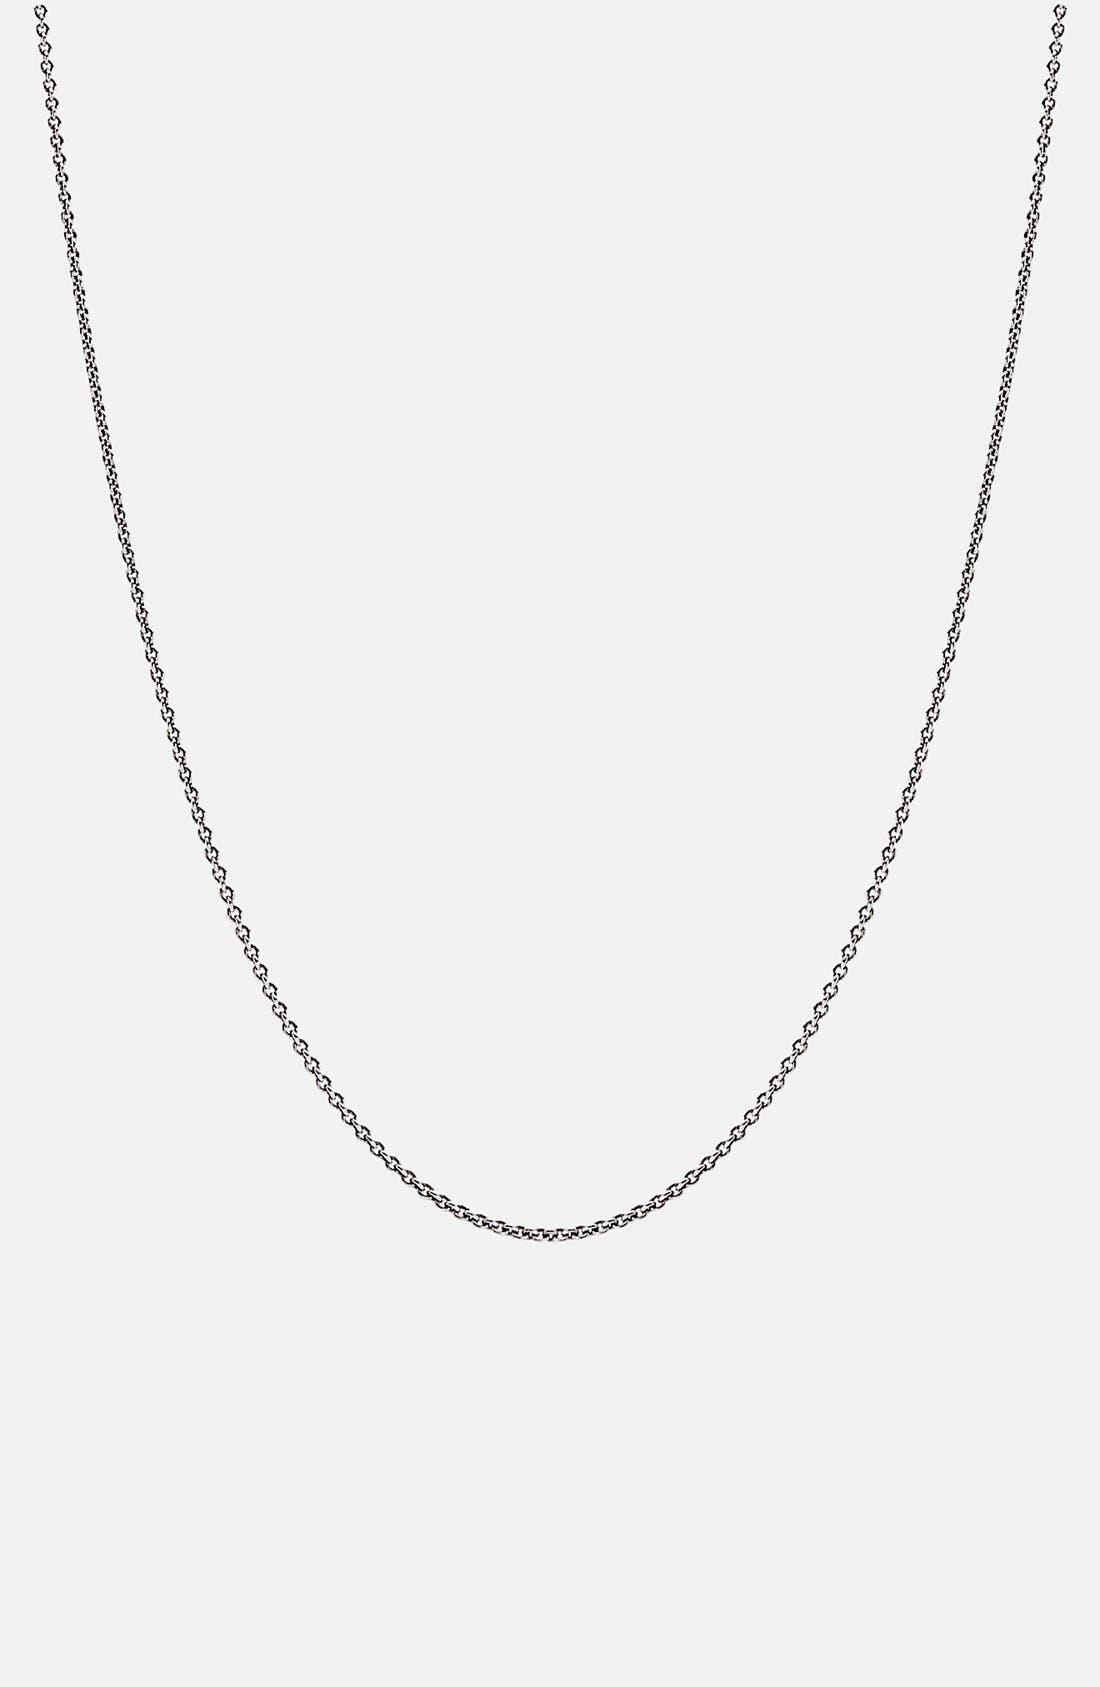 Main Image - PANDORA Link Necklace